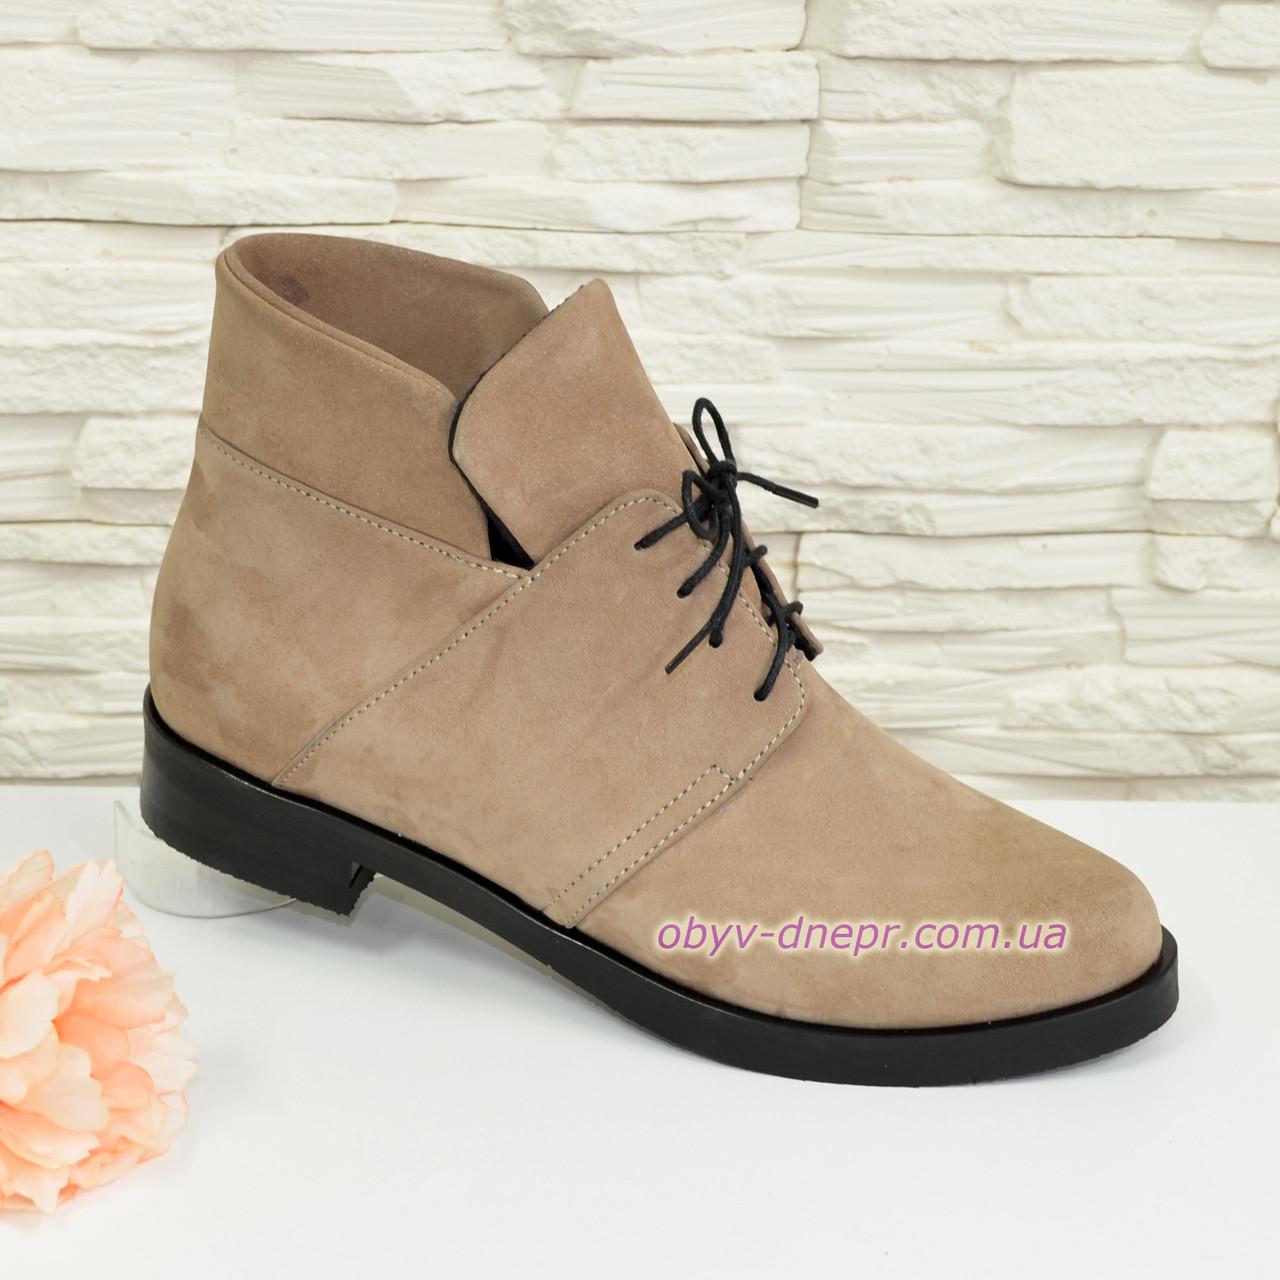 c9e5dbf3 Ботинки женские зимние бежевые на невысоком каблуке, натуральная кожа нубук.